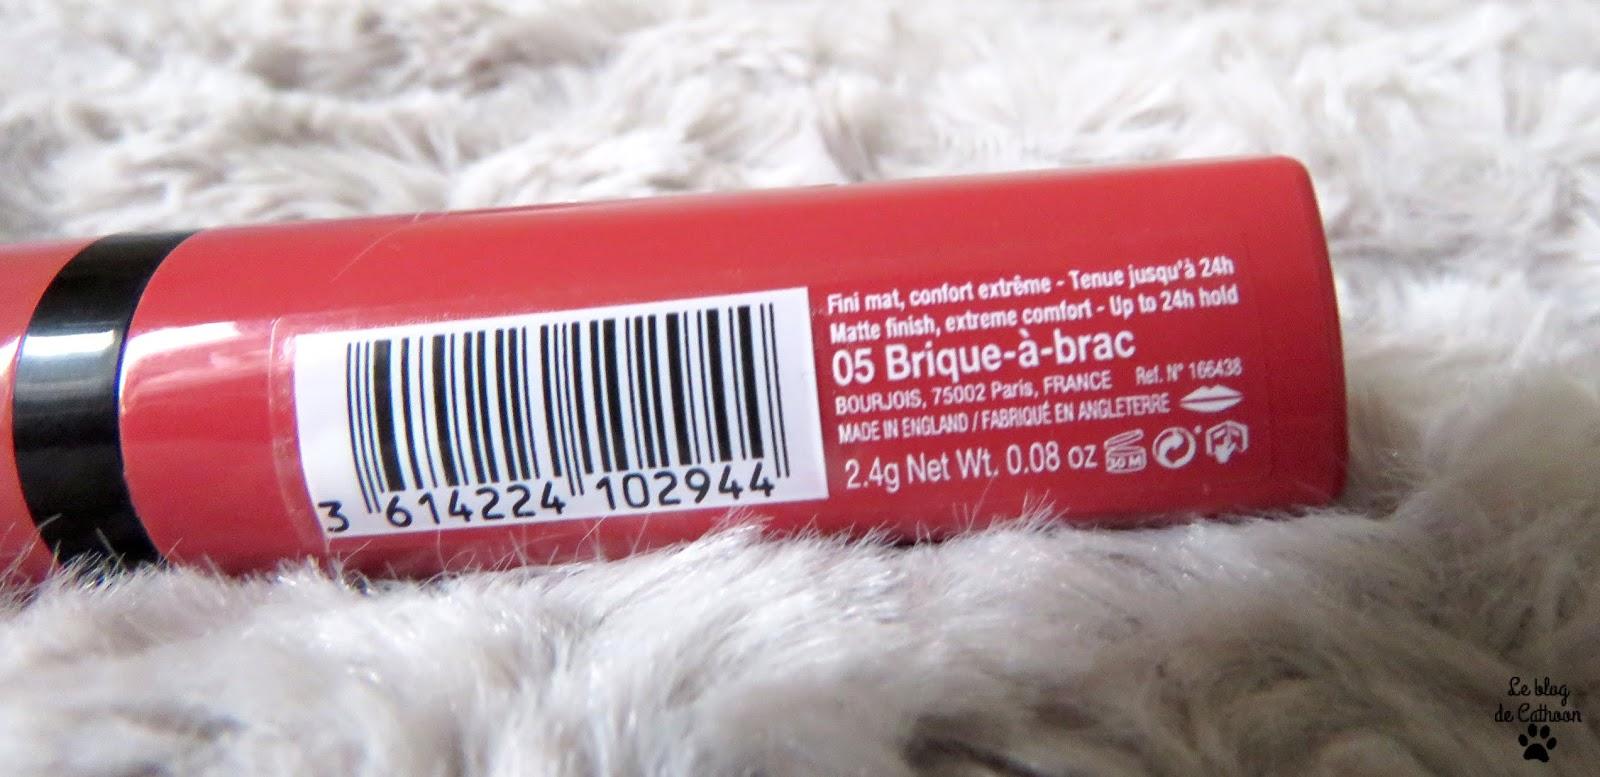 Rouge Velvet The Lipstick - 05 Brique-à-brac - Bourjois